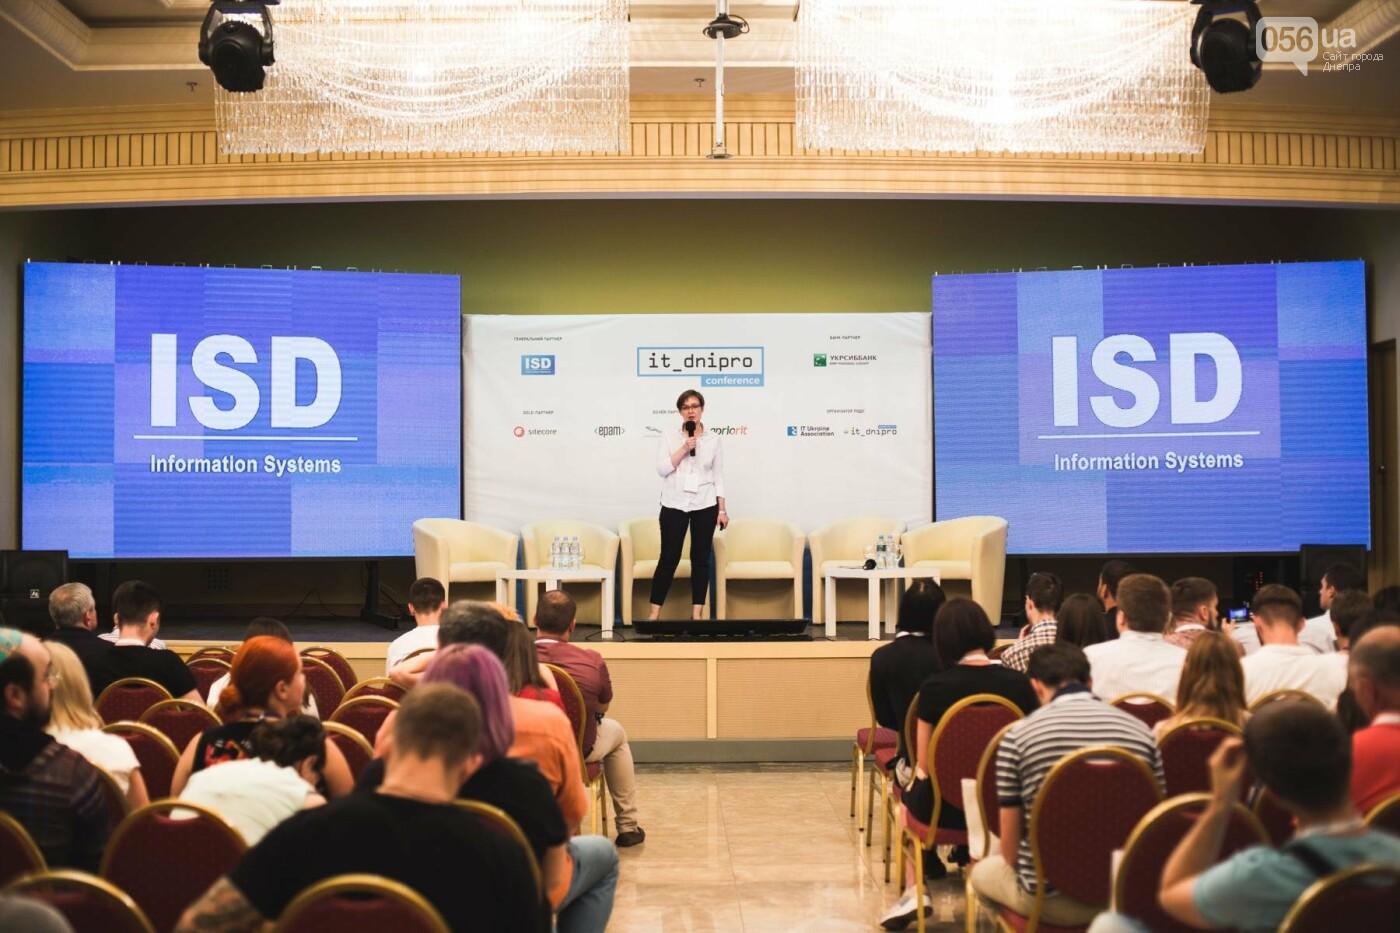 В Днепре прошла бизнес-конференция IT Dnipro Conference: подробности, - ФОТО, фото-15